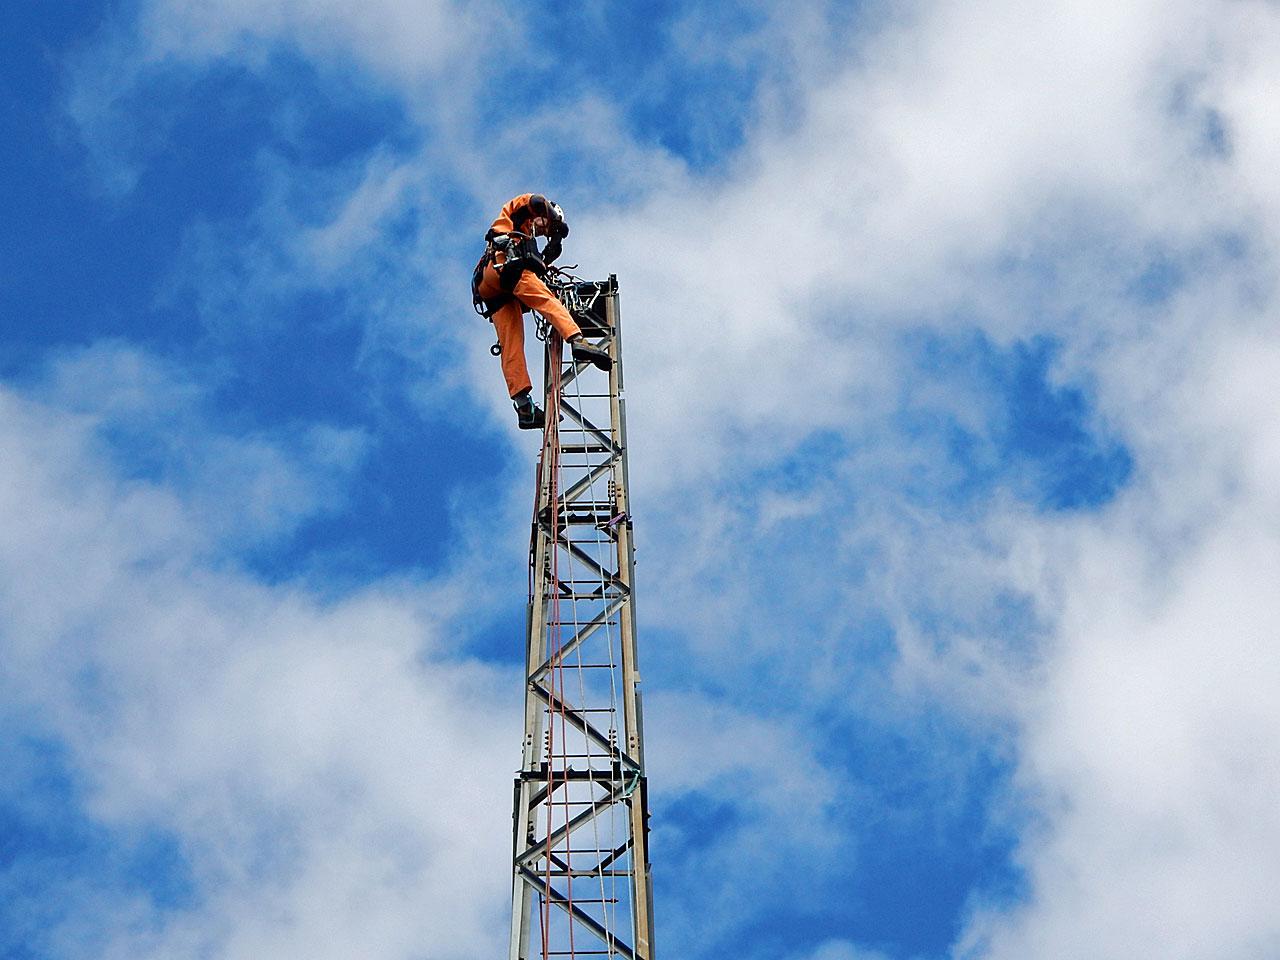 愛知県一宮市でアマチュア無線で使用していたDXタワーの解体撤去工事